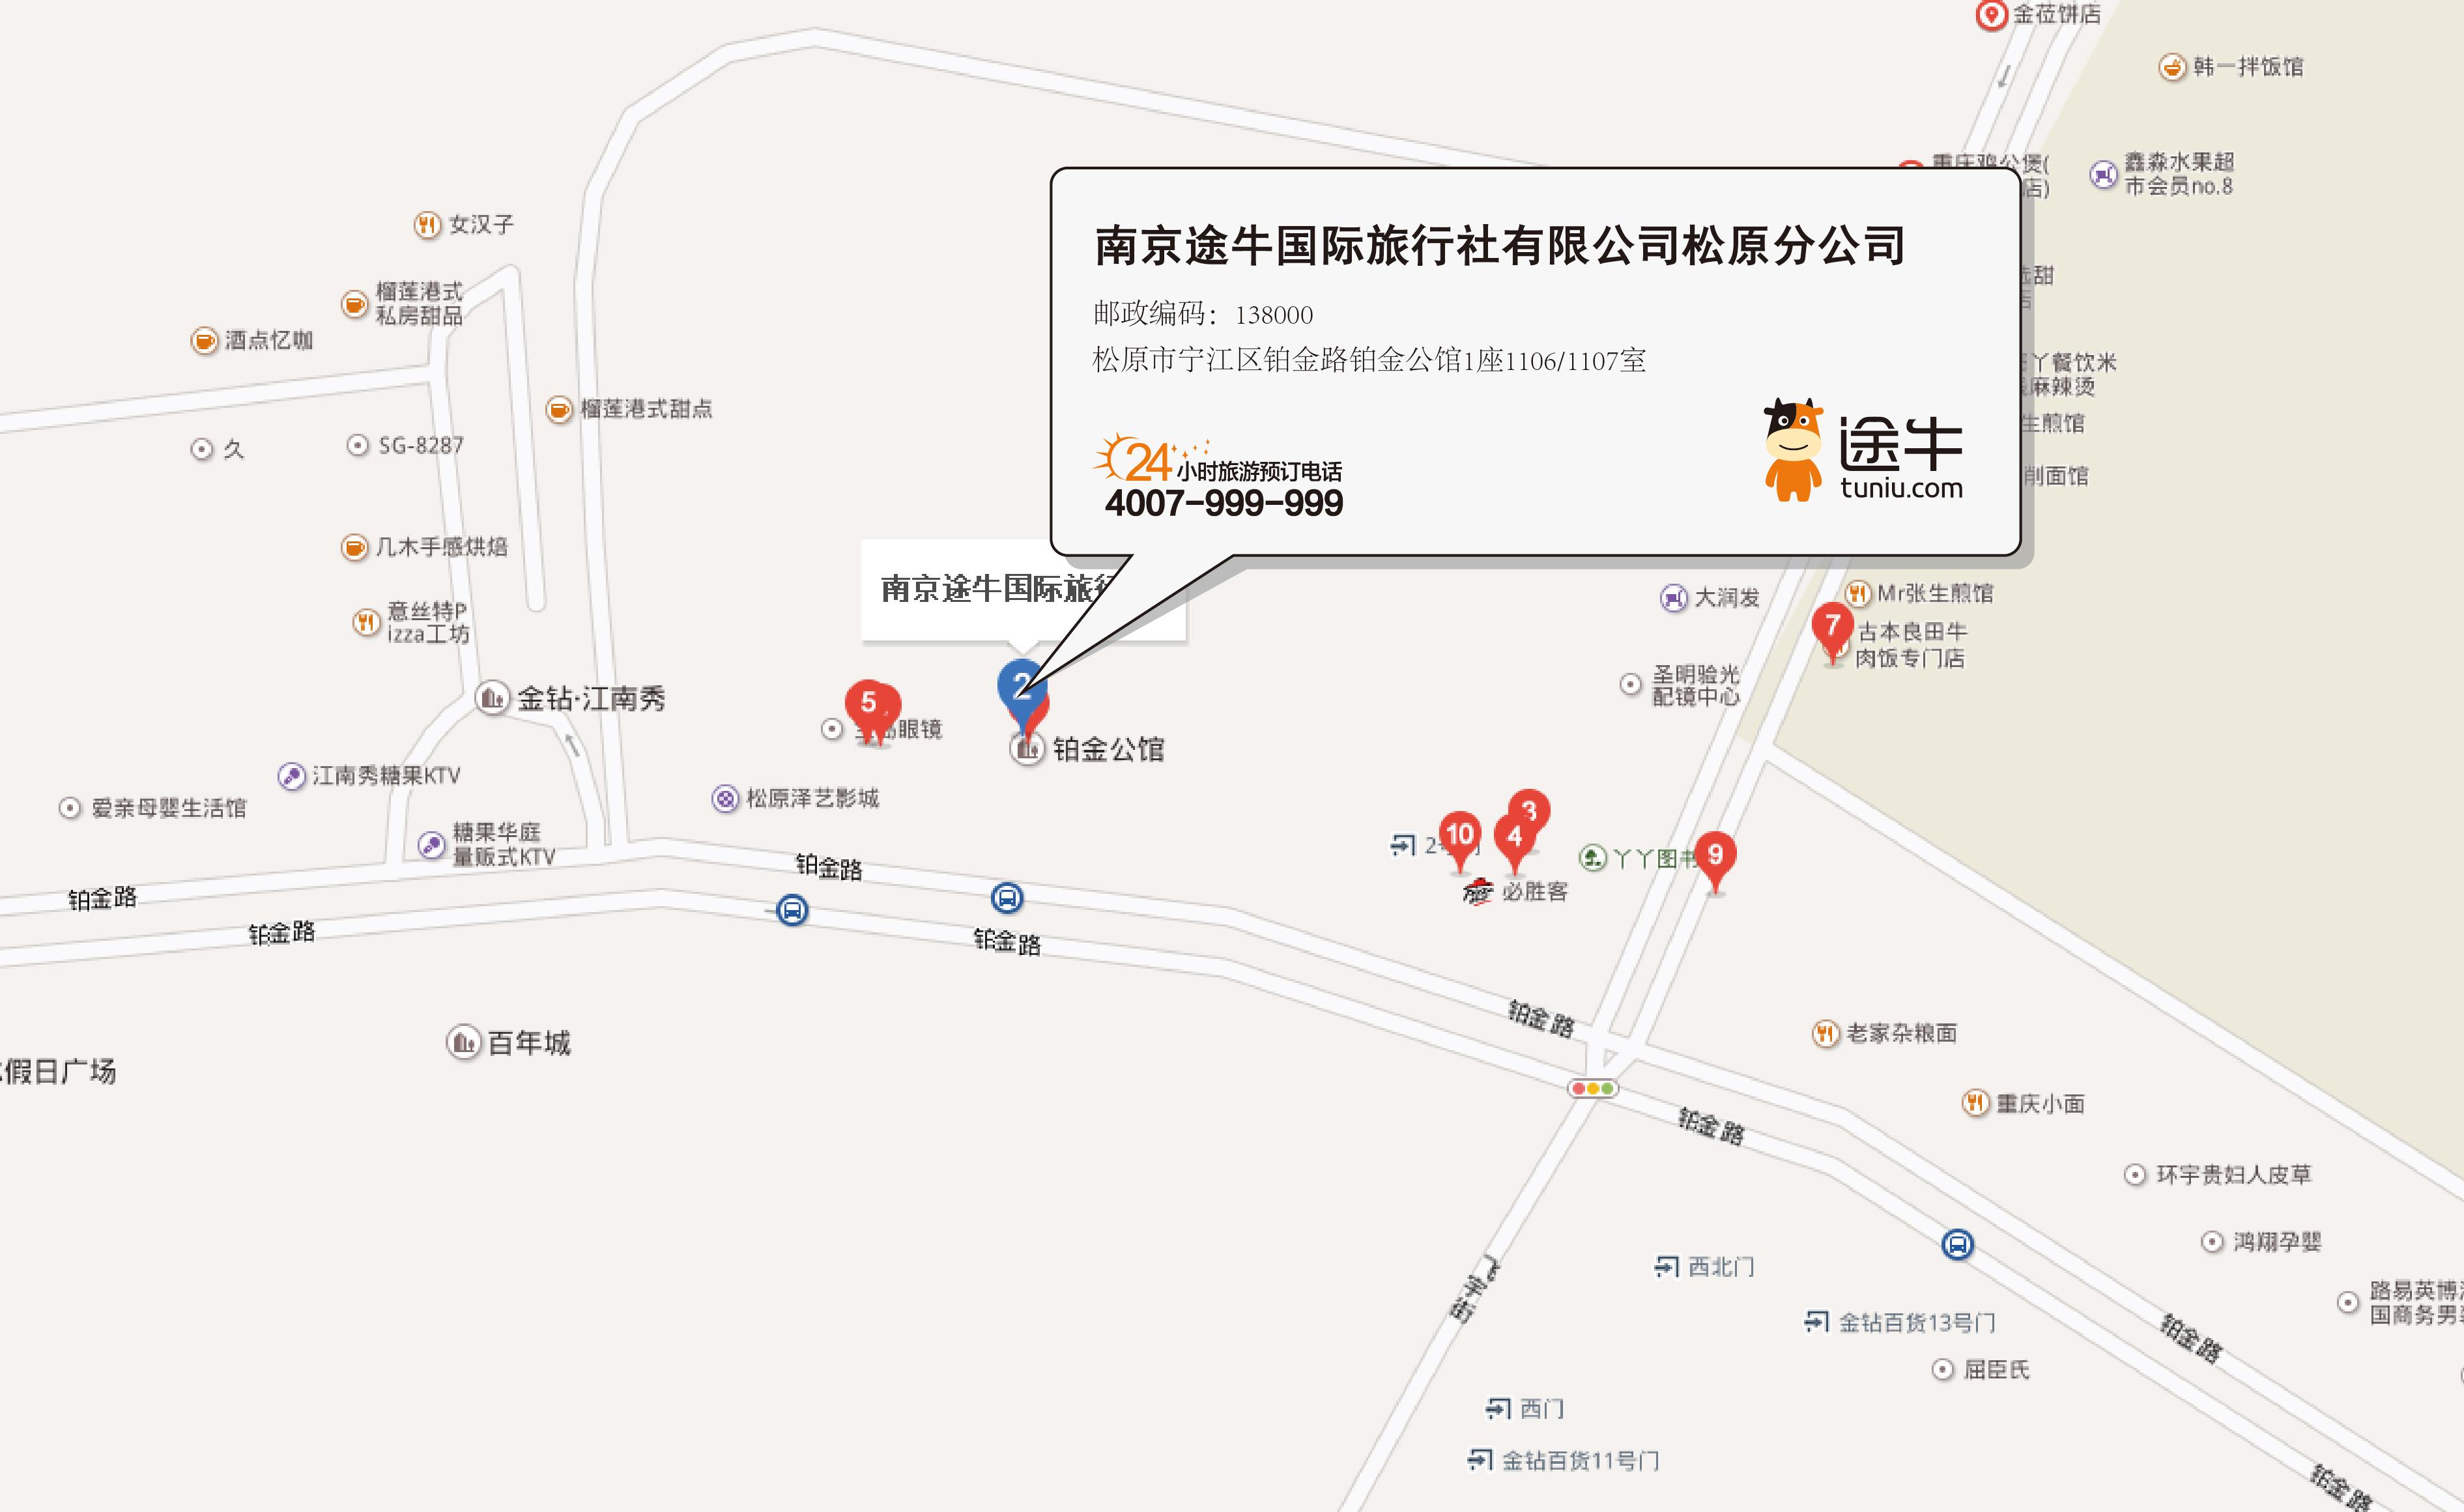 南京途牛国际旅行社有限公司松原分公司地图